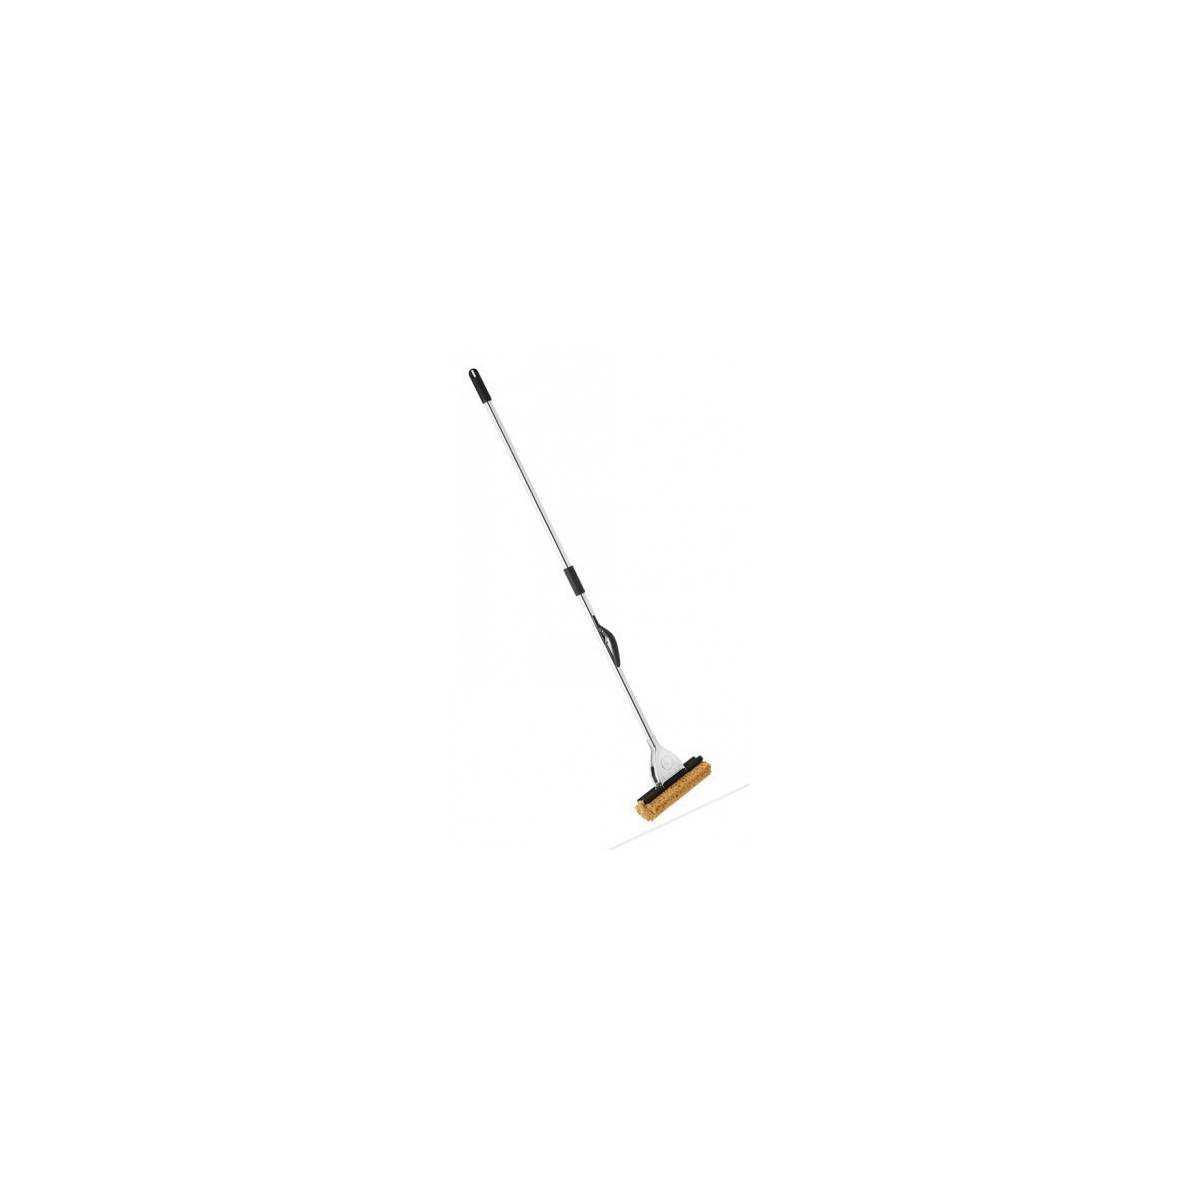 Швабра для влажной уборки с отжимом 32см 9900 APEX - Fratelli Re SpA